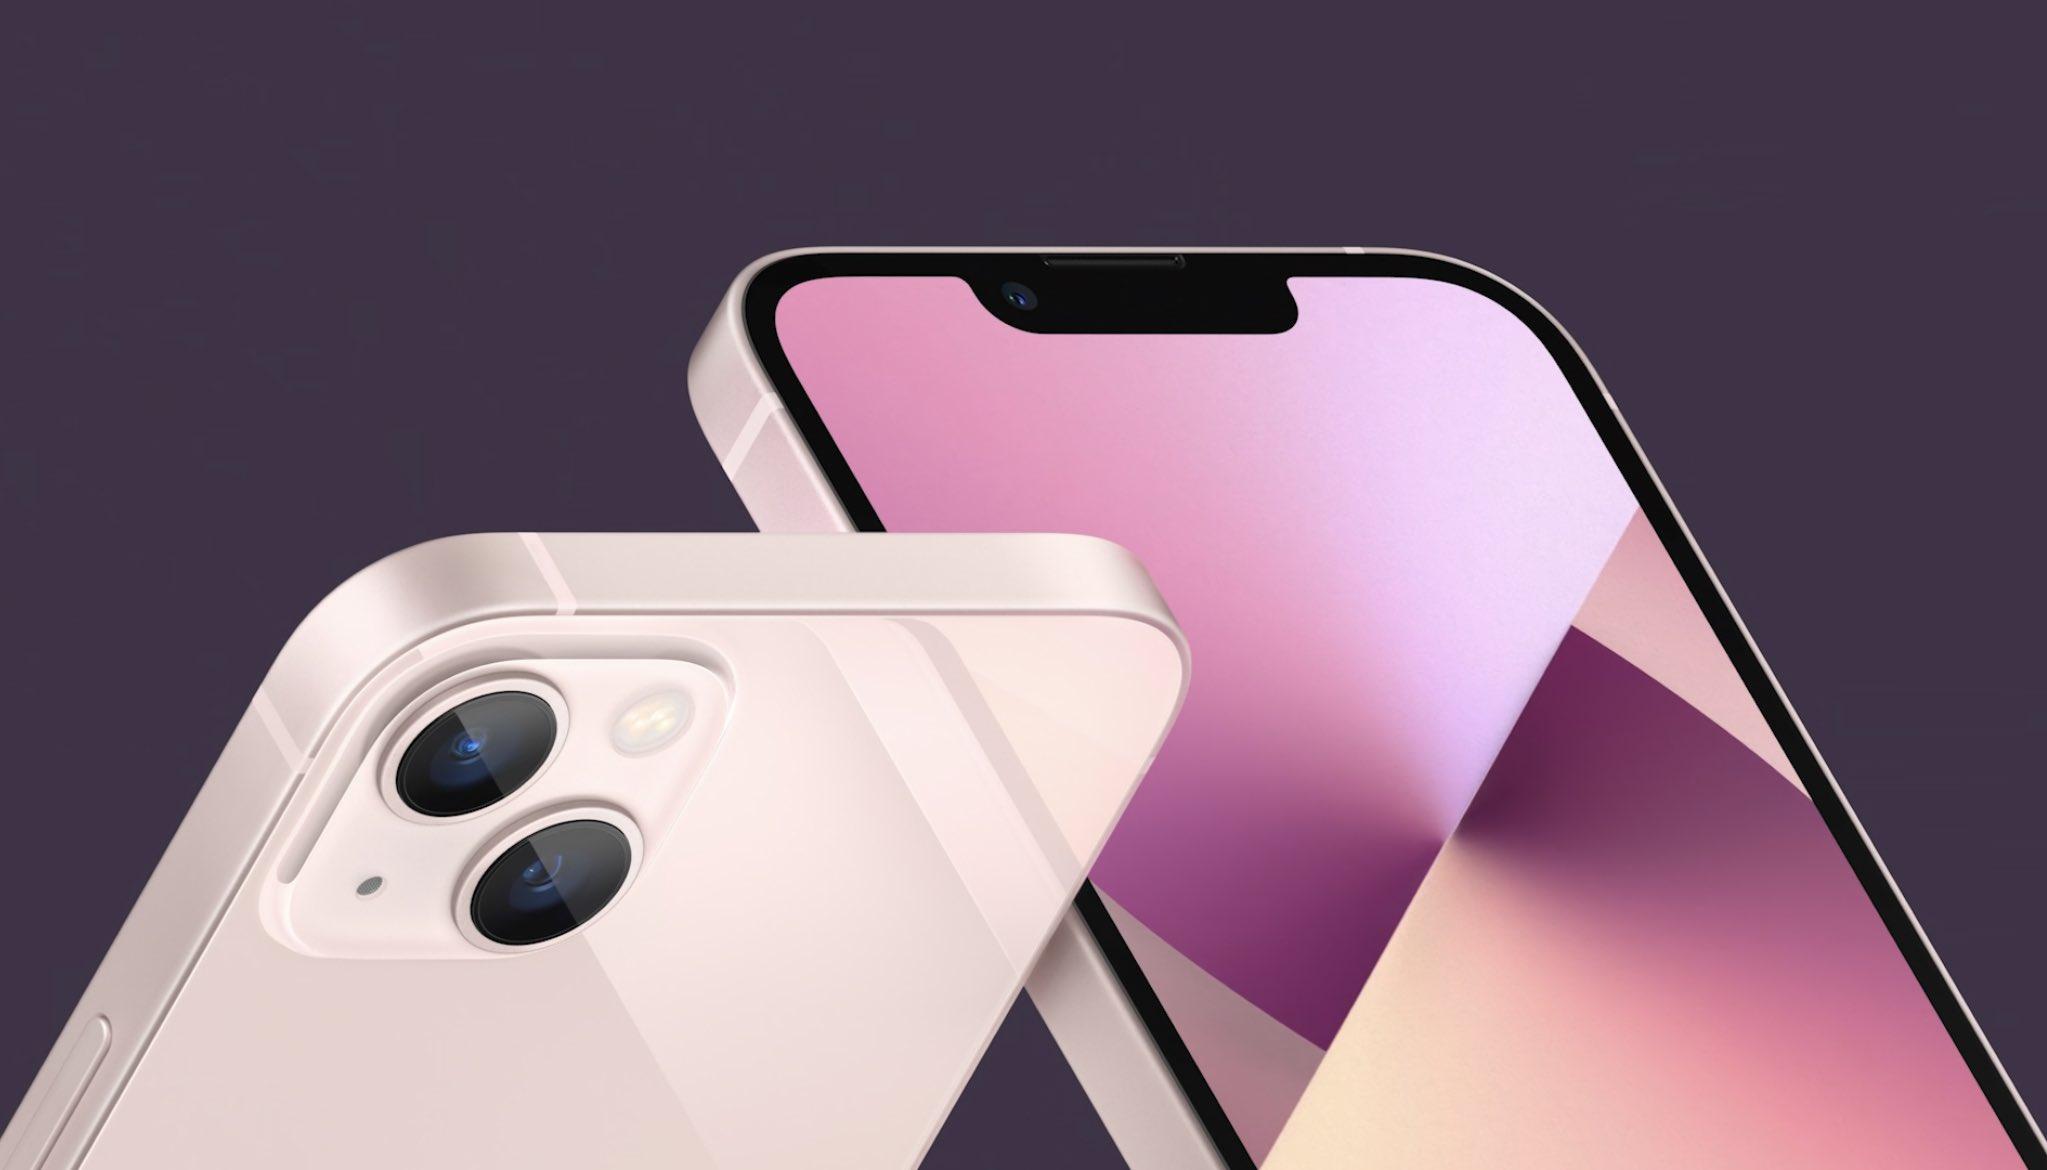 E Q2I6vXEAMFKdA - Apple announces iPhone 13 with a smaller notch